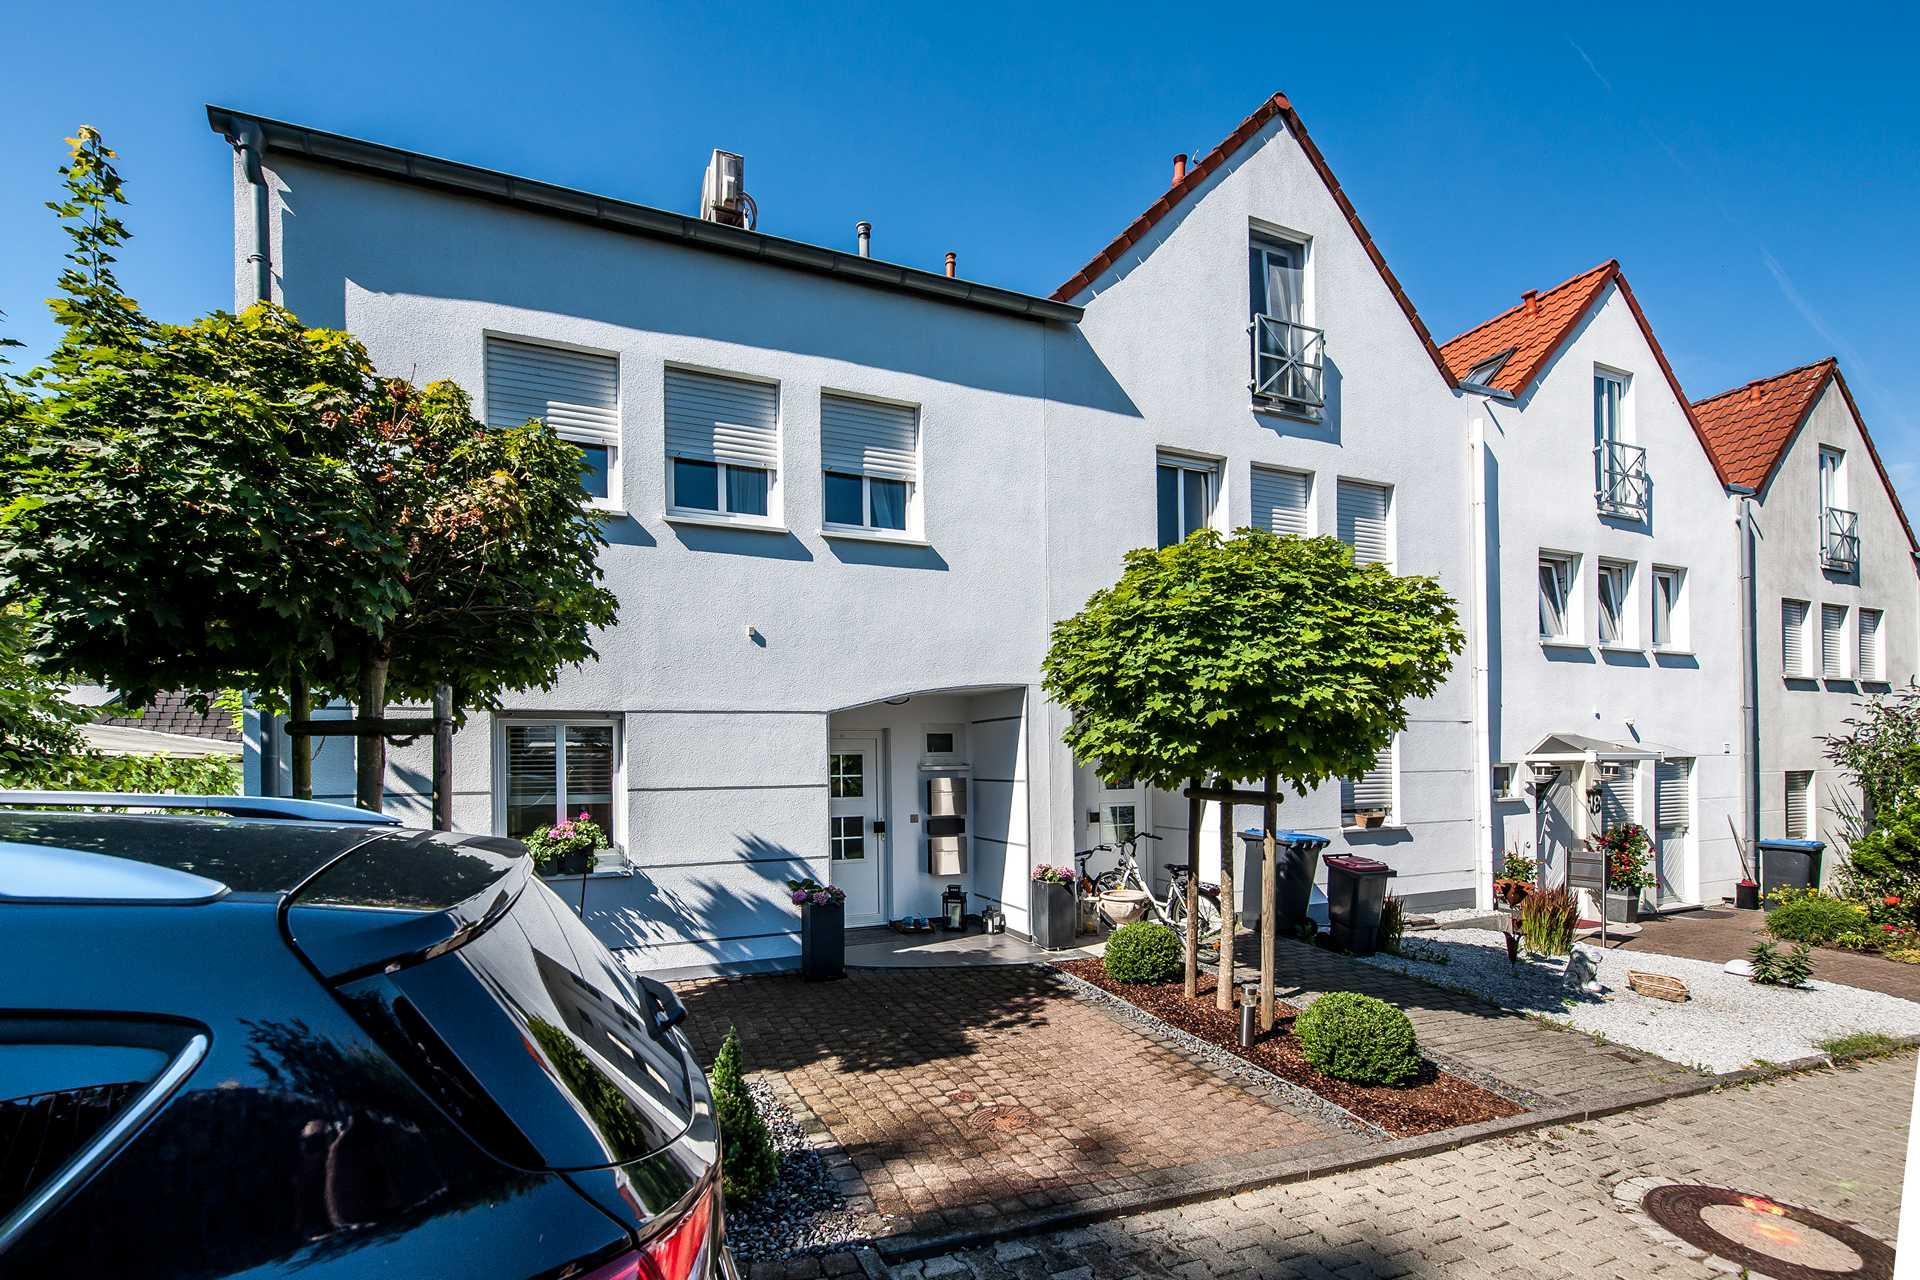 Immobilien kaufen Langenfeld